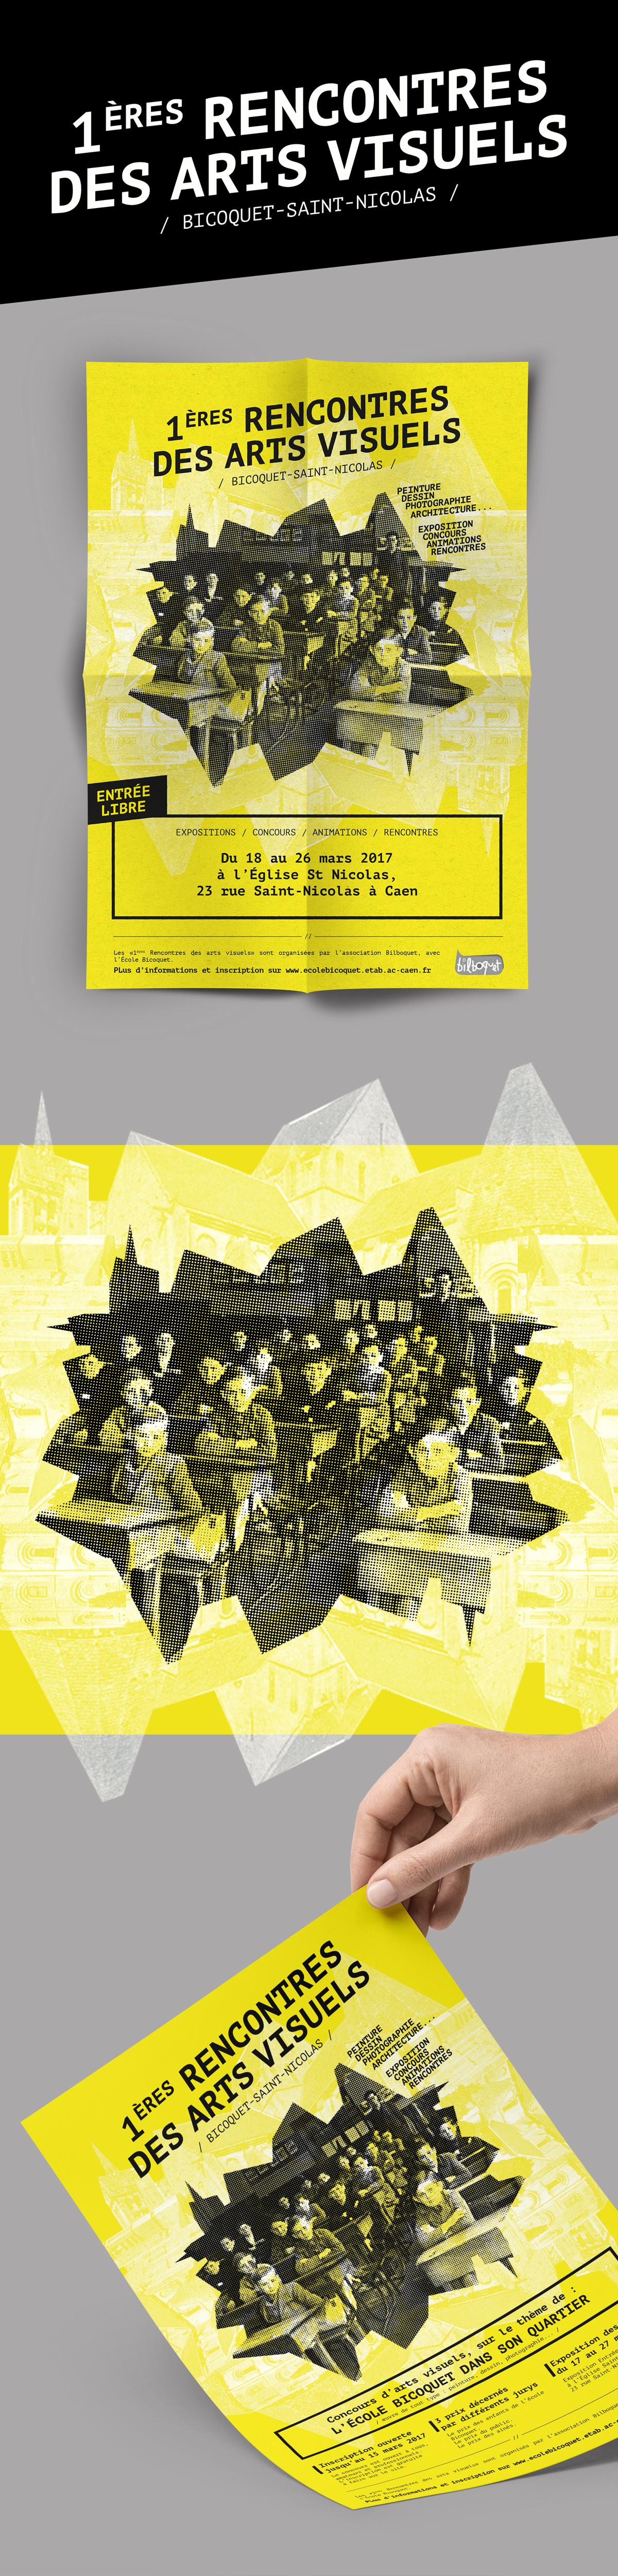 affiche de l'exposition des 1ere Rencontres des Arts Visuels à Caen NORMANDIE - création WALA studio graphique